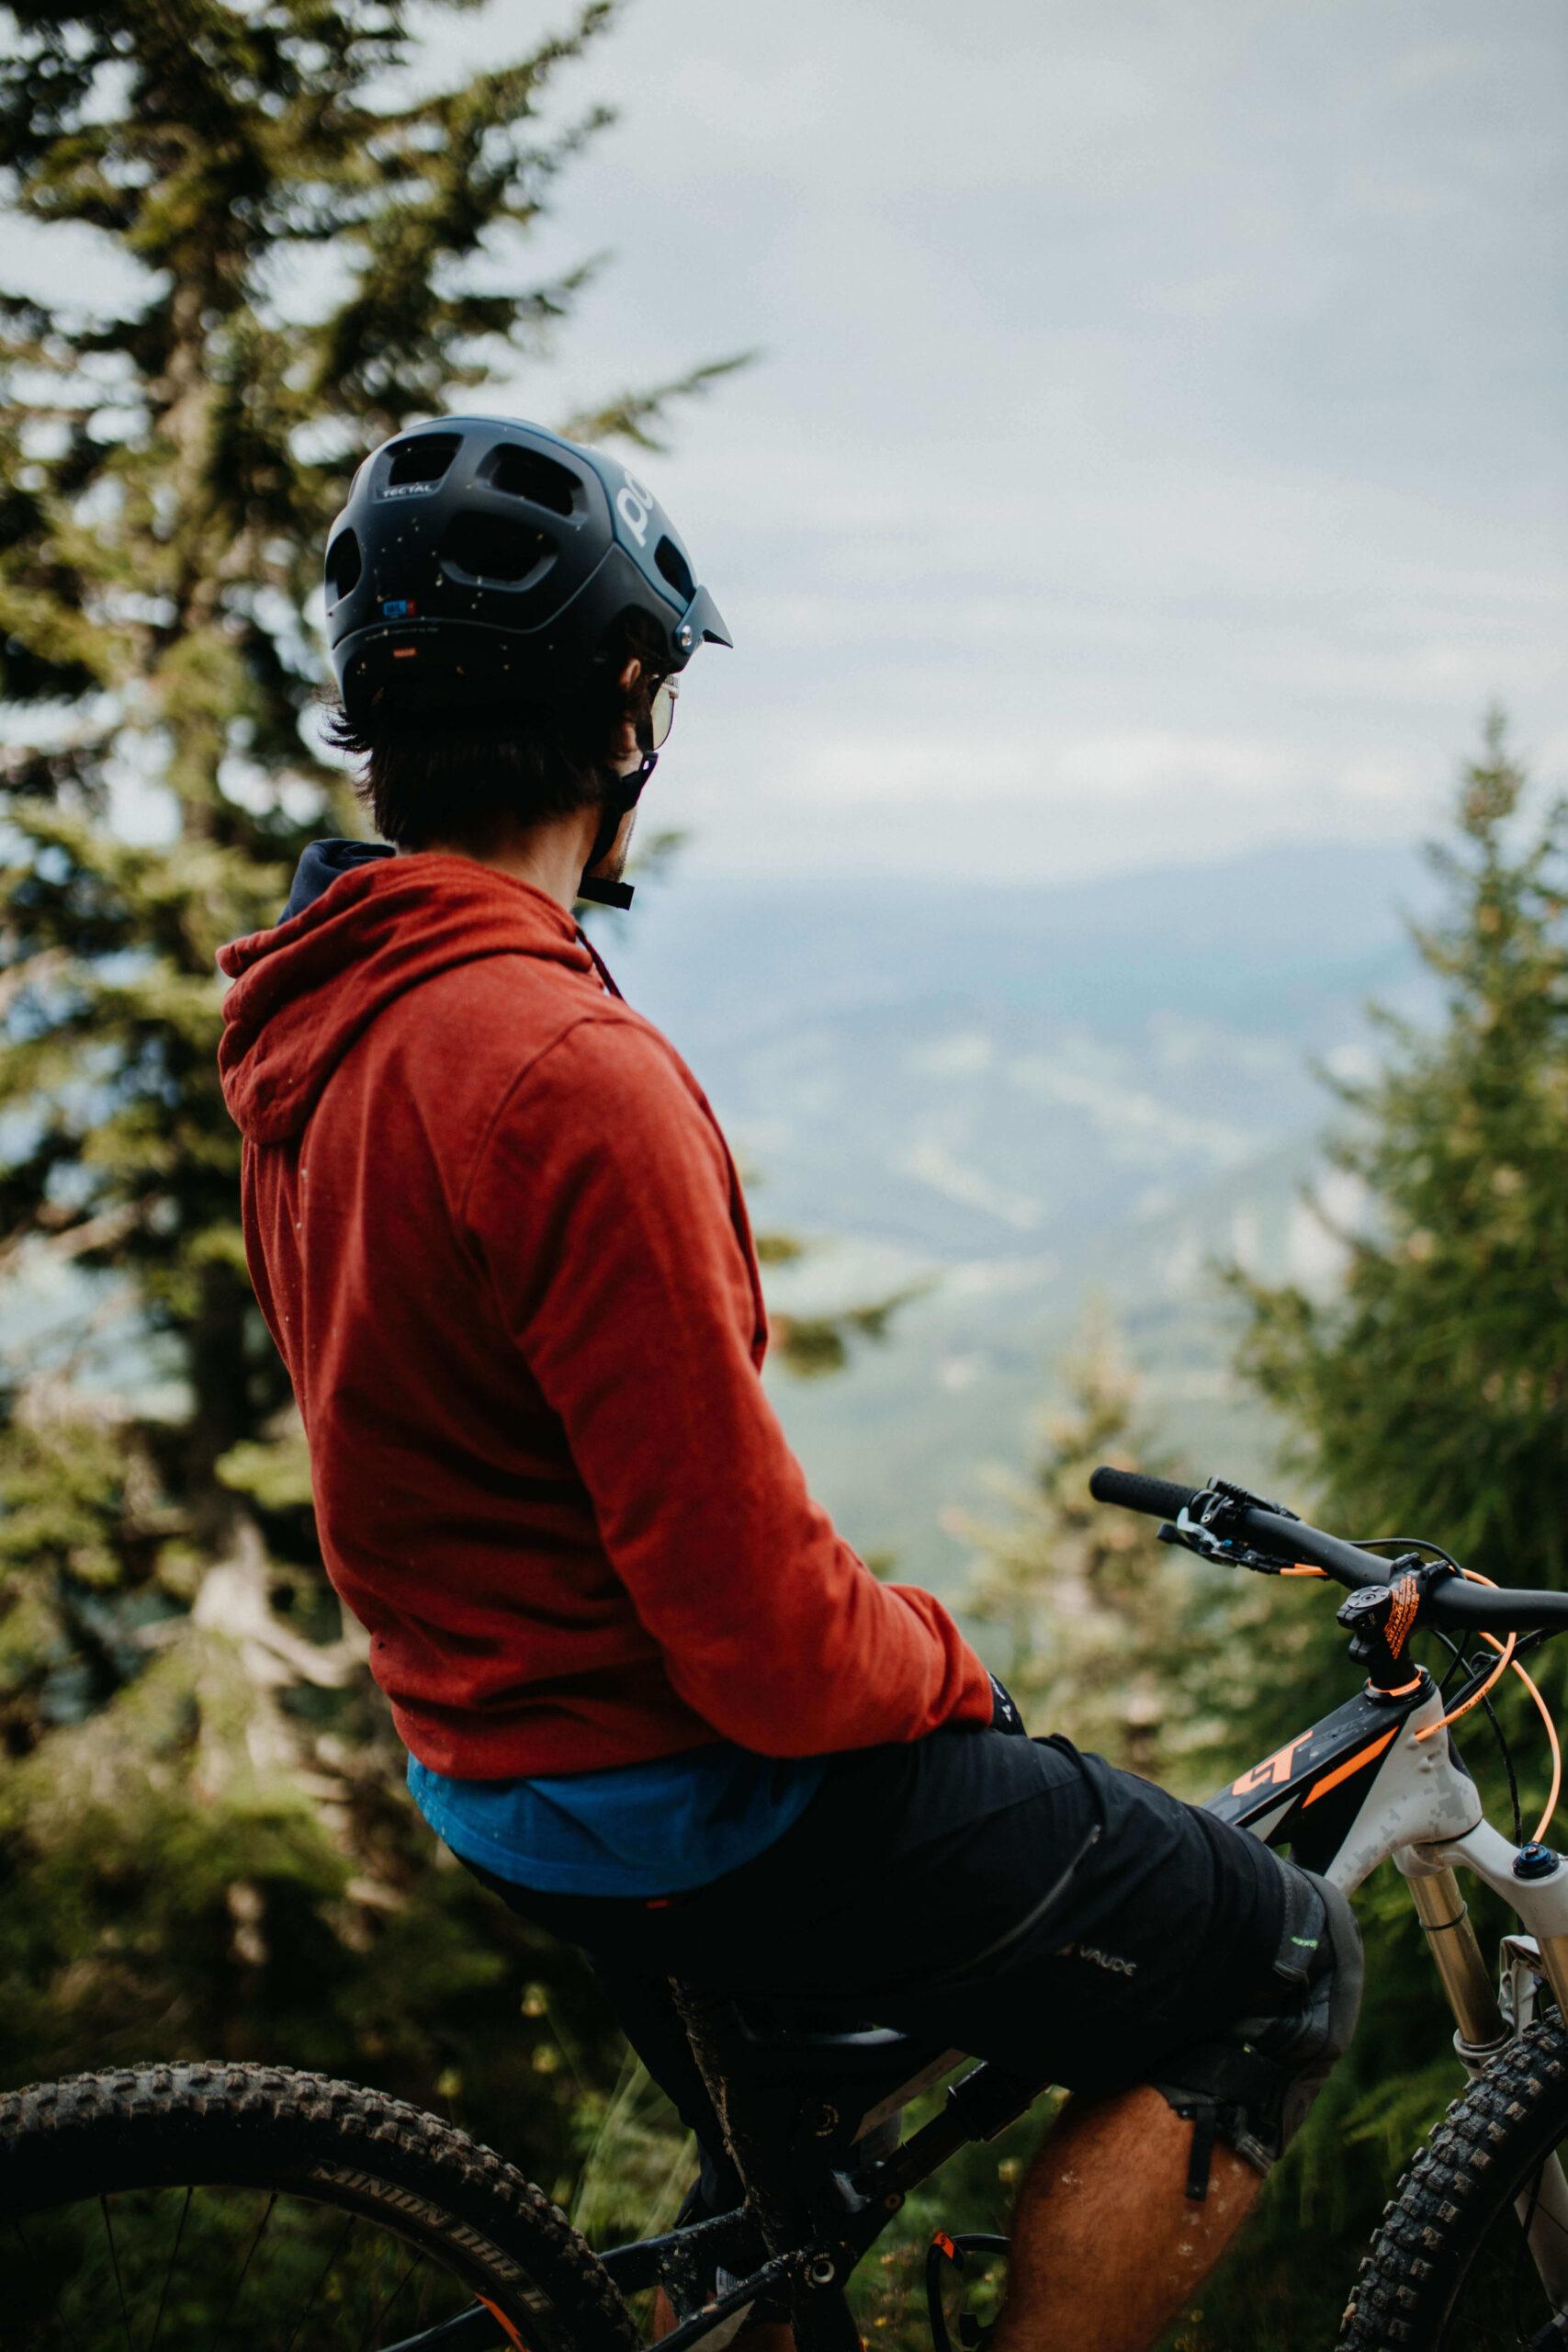 austria-at_kaernten_klopeiner-see_oesterreich-werbung_charly-schwarz_urlaub-buchen_bikepark-petzen_camping_seerose